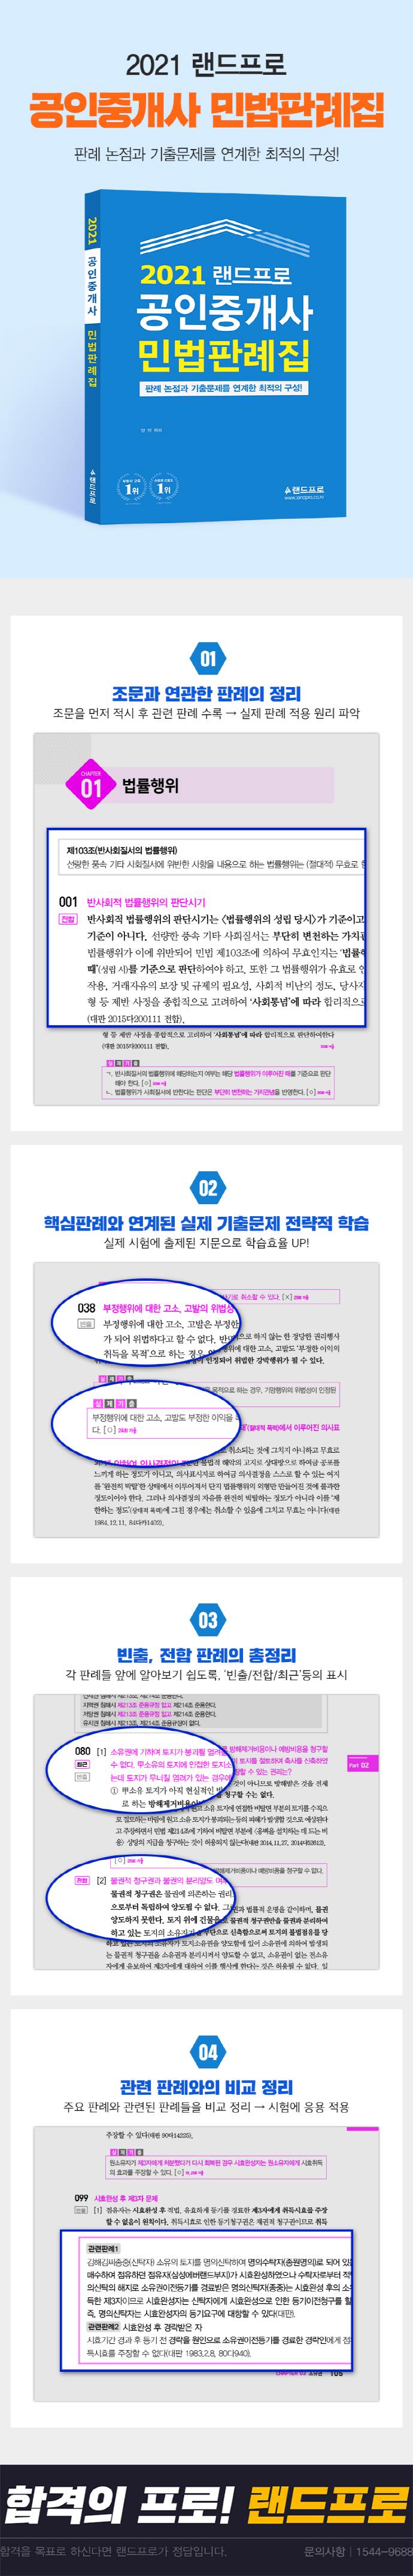 2021 랜드프로 공인중개사 민법판례집 도서 상세이미지